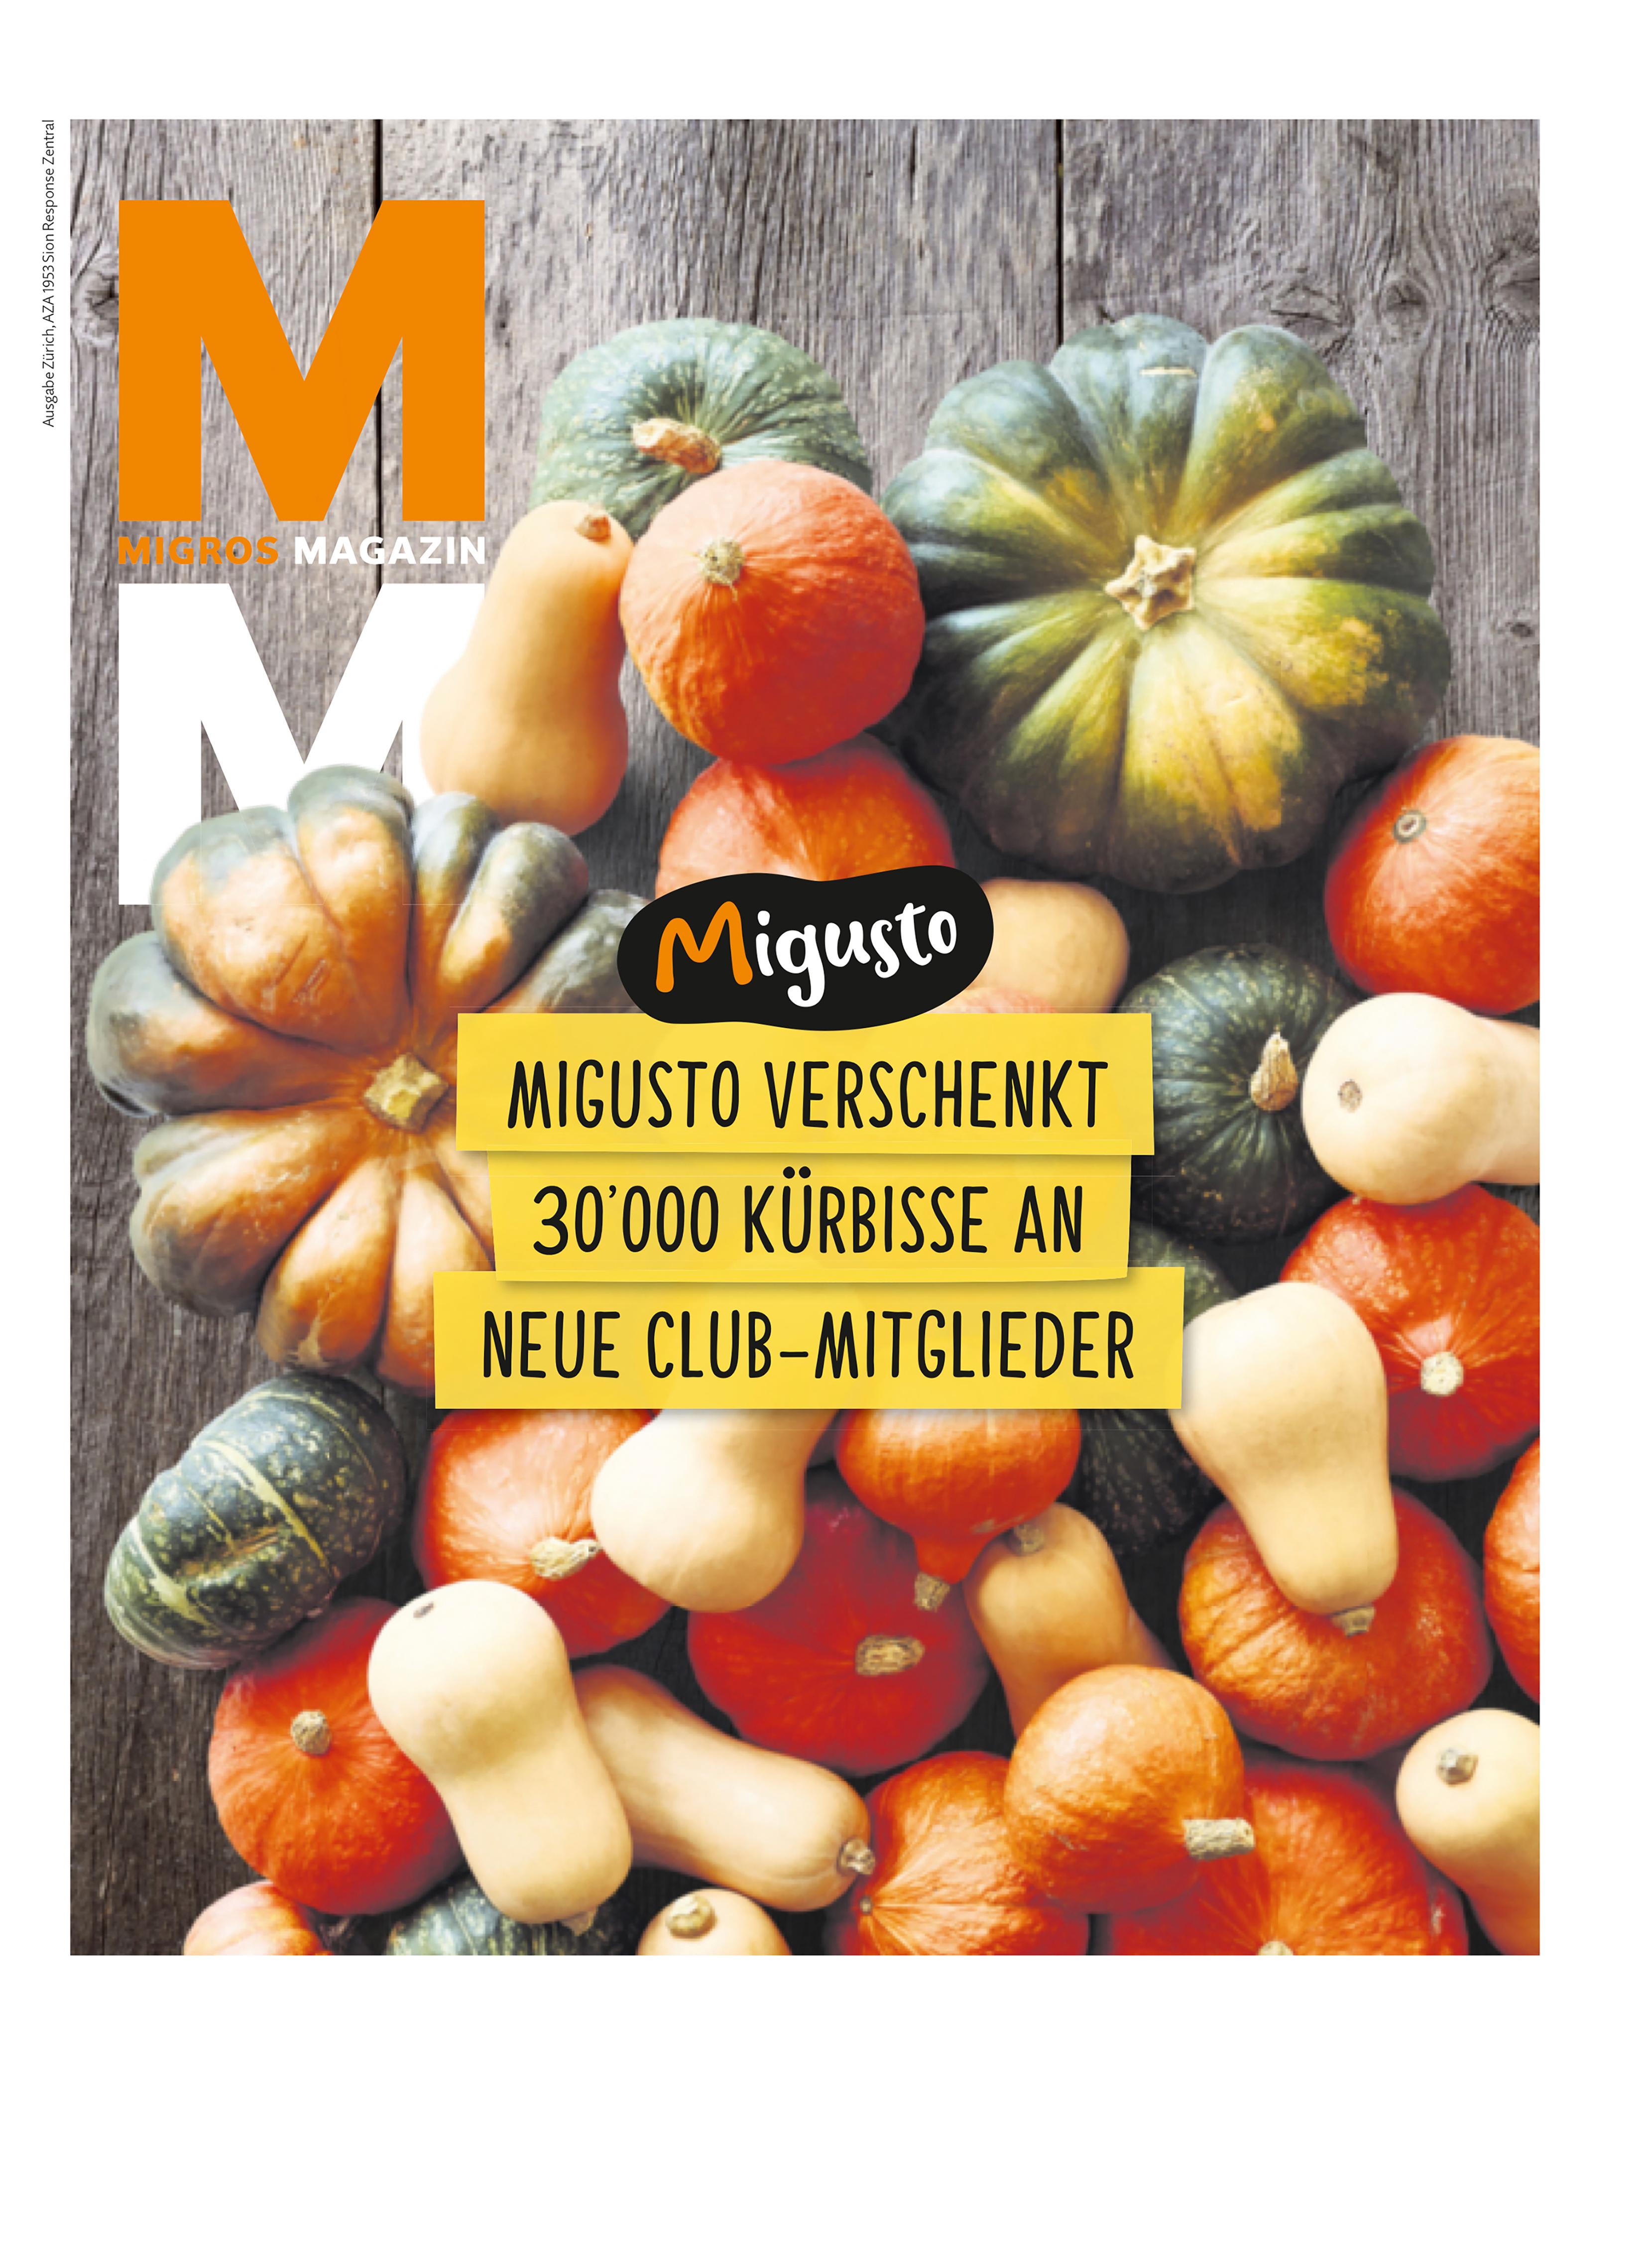 NUSSYY® im MIGROS MAGAZIN - COVER